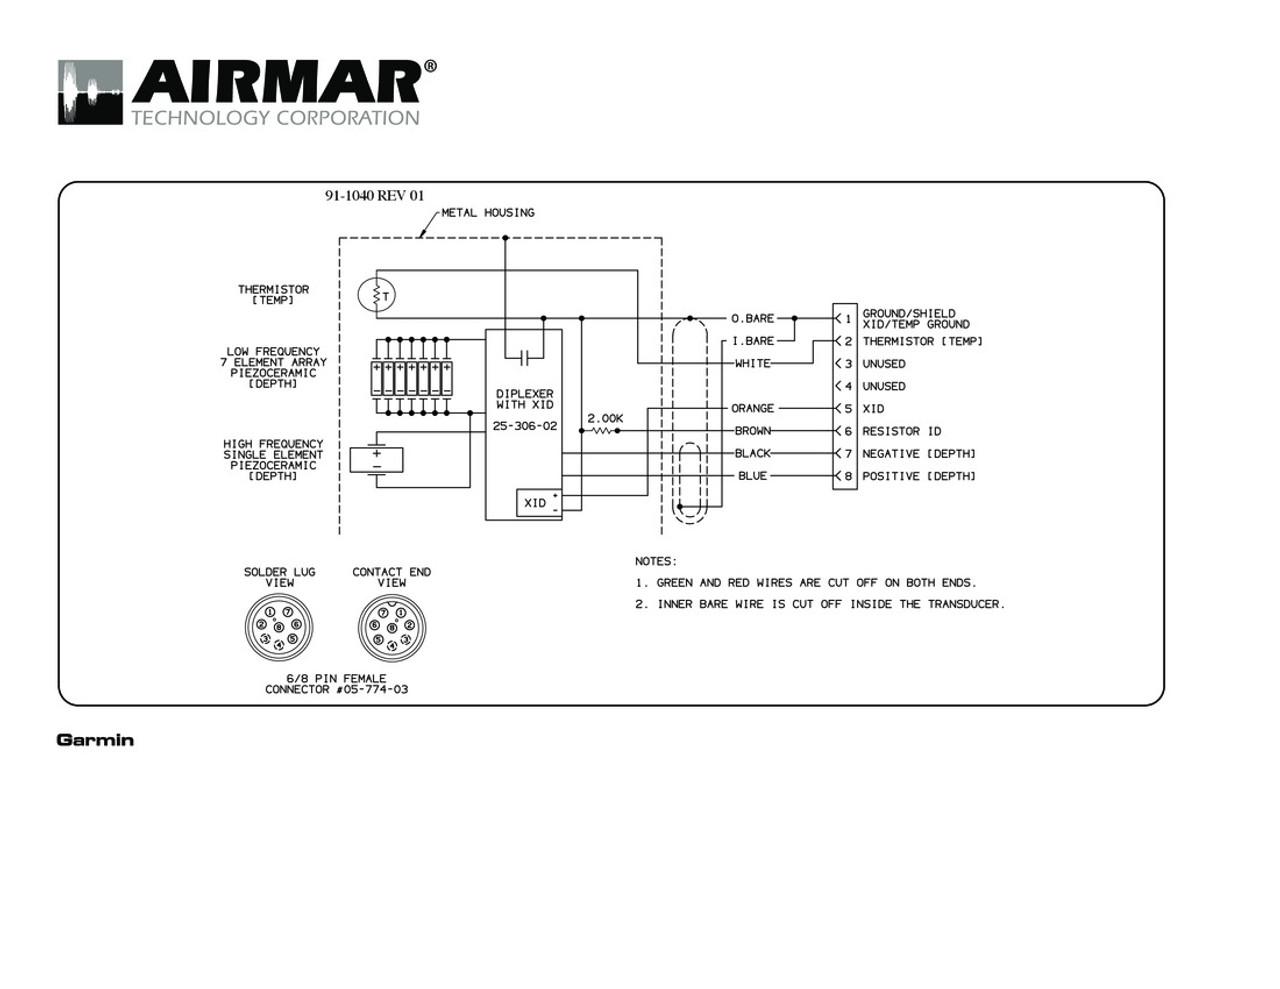 uniden wire diagram schematic diagramuniden solara dsc wiring diagram wiring diagram simple wiring diagrams uniden solara [ 1100 x 850 Pixel ]